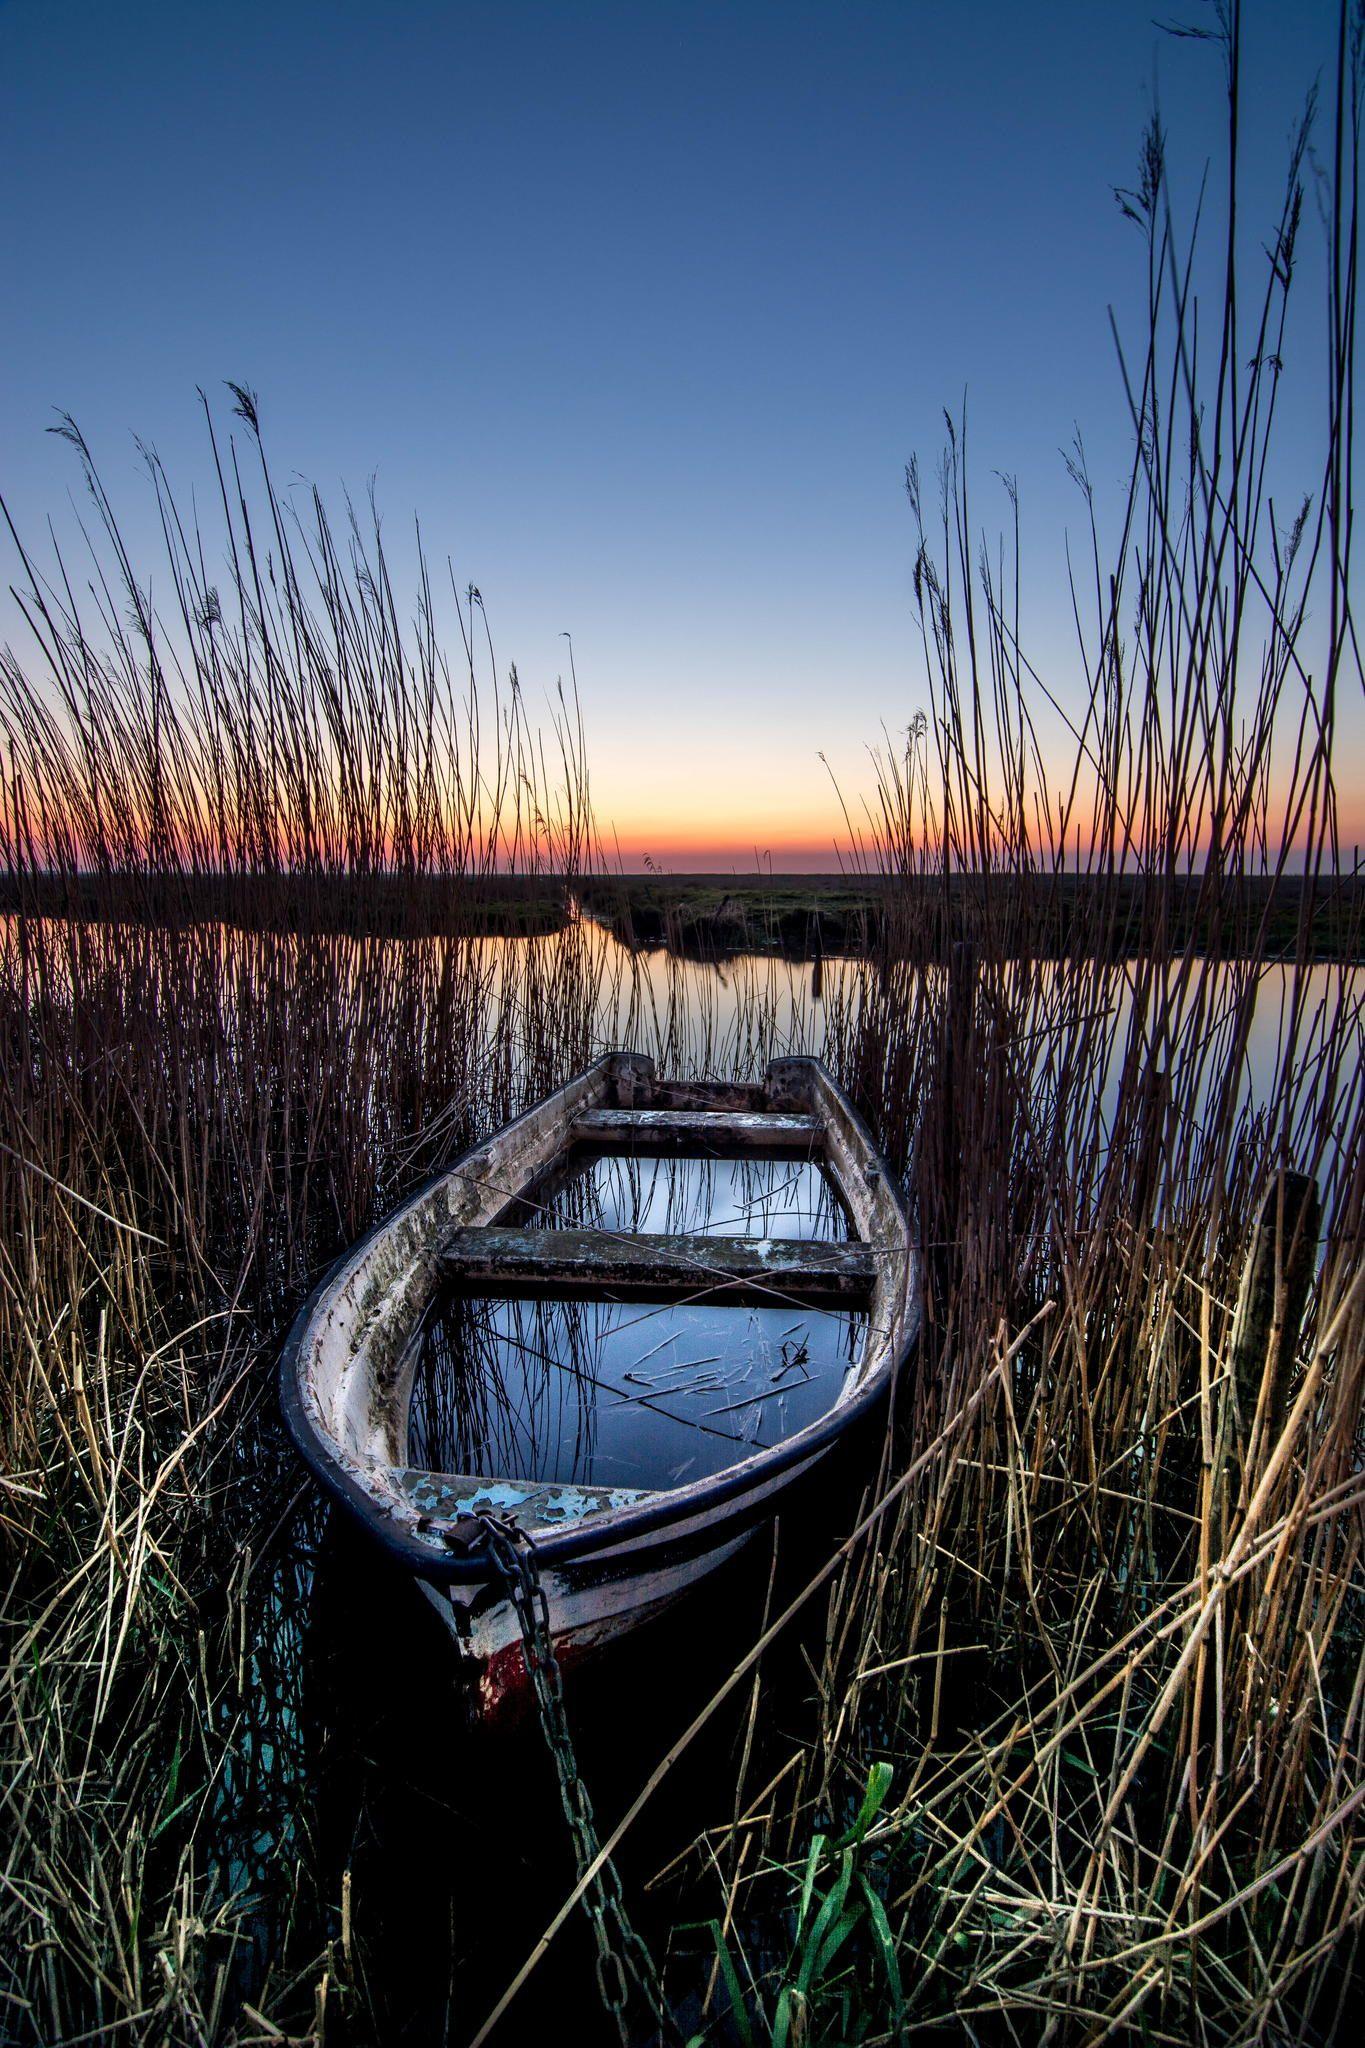 Water in the Boat by ljespersenlyne on 500px